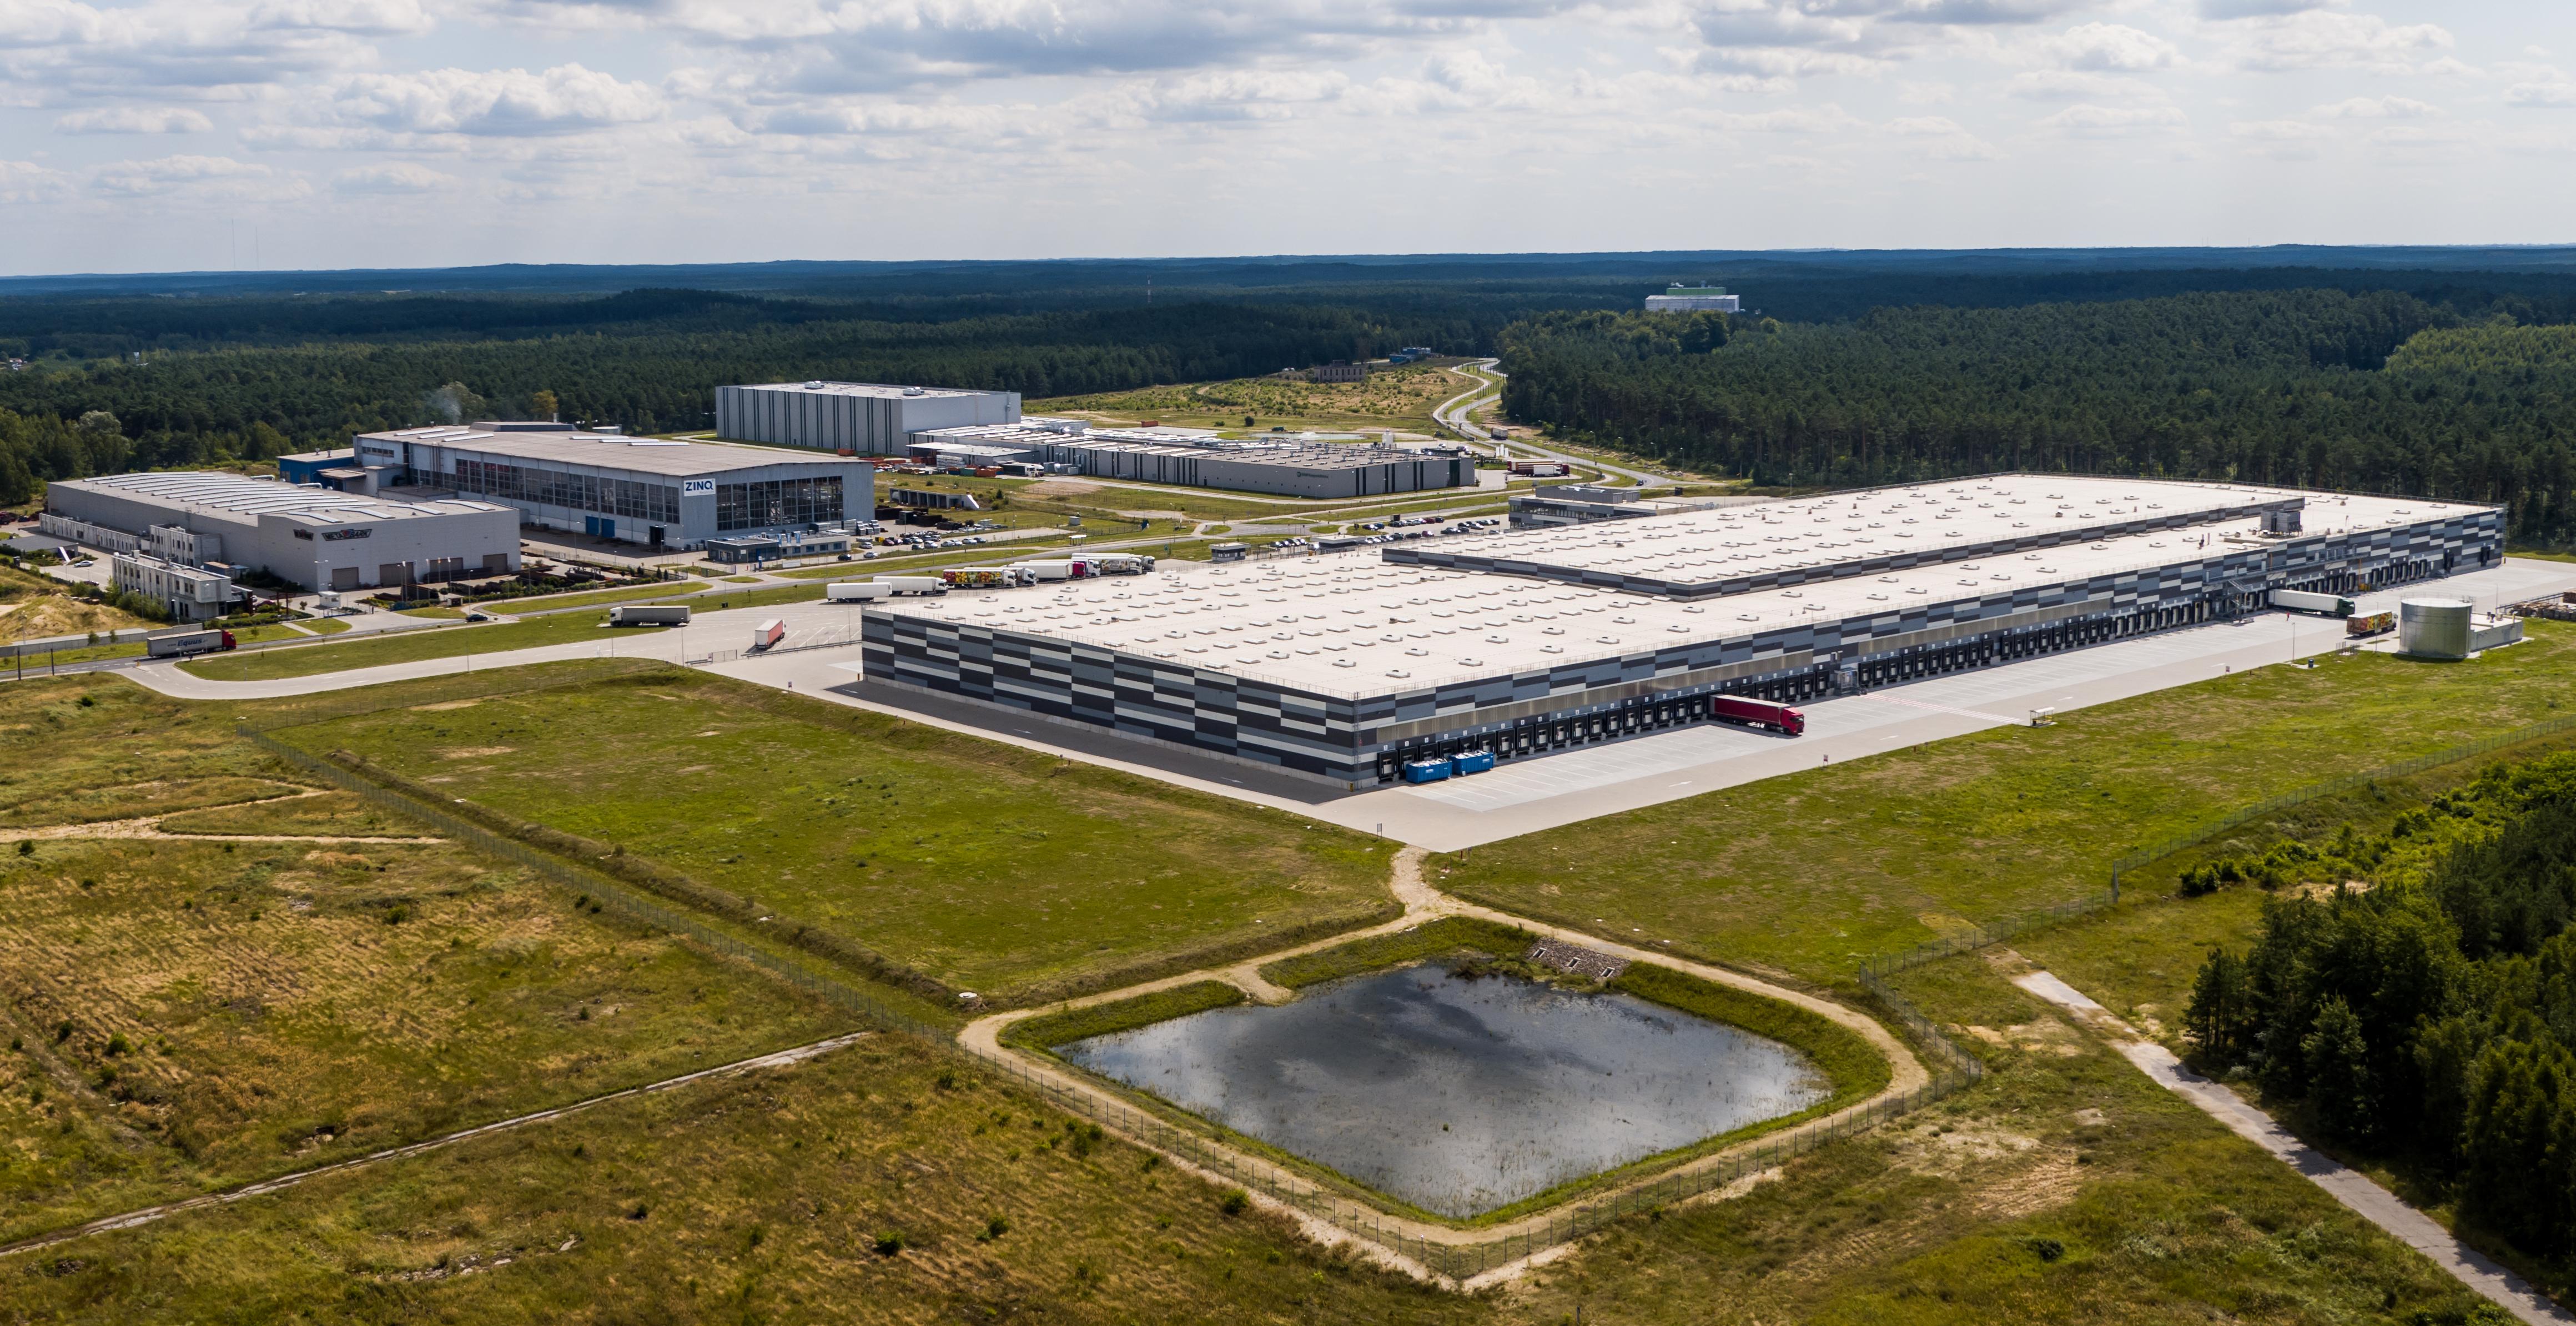 Kolejny inwestor w BPPT – firma Zefir Tissue Sp. z o.o